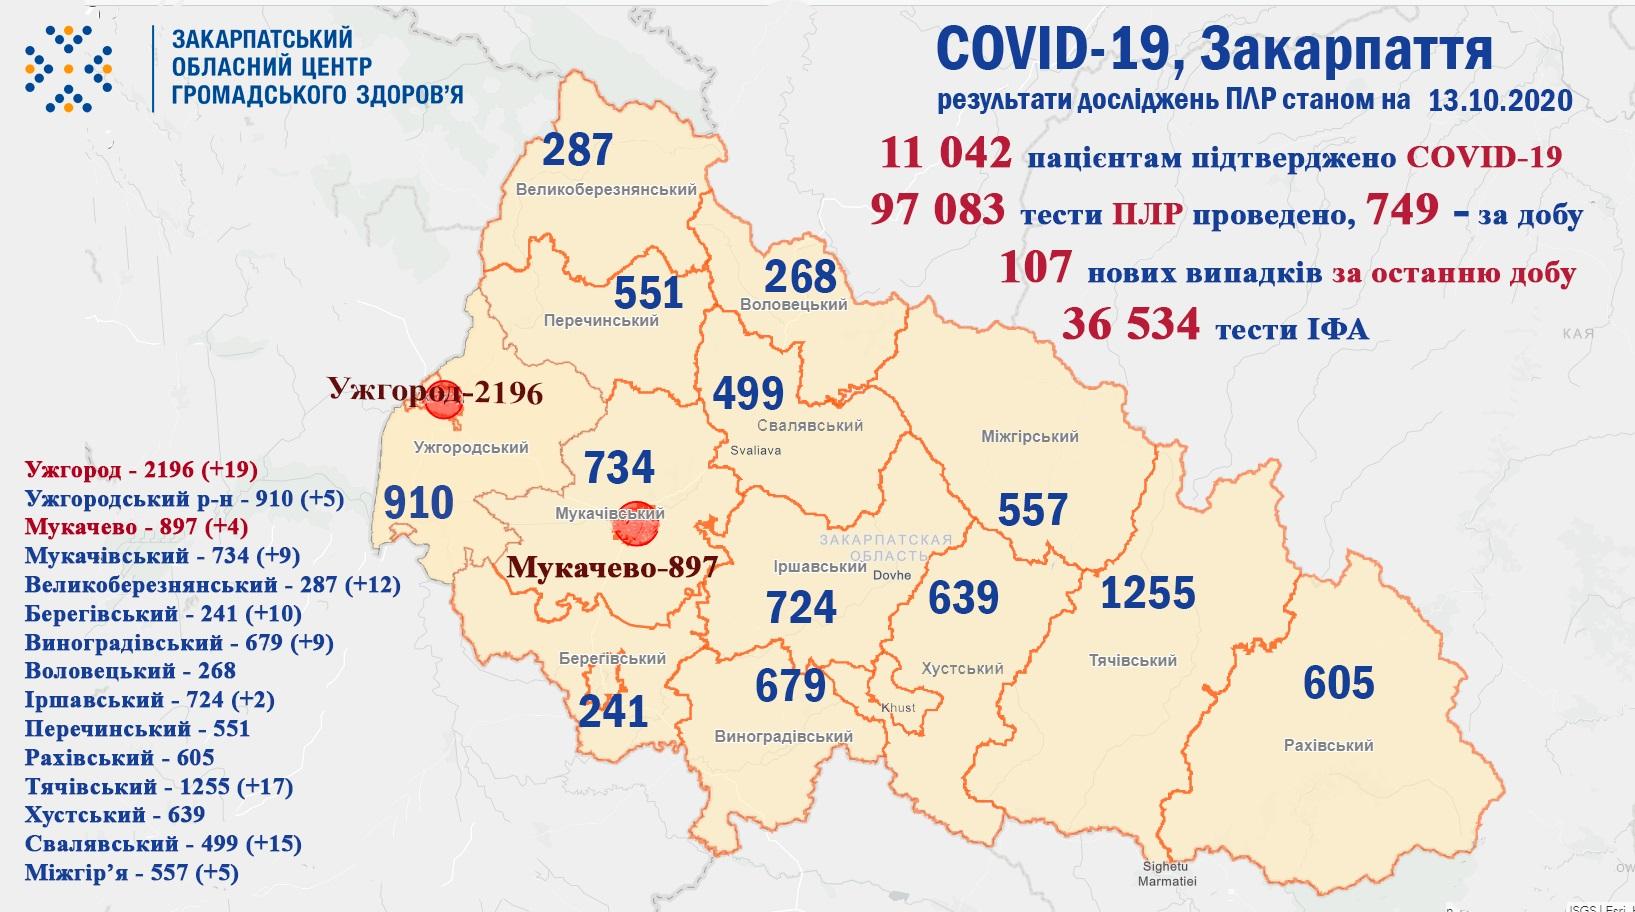 За добу 107 закарпатців захворіли на COVID-19